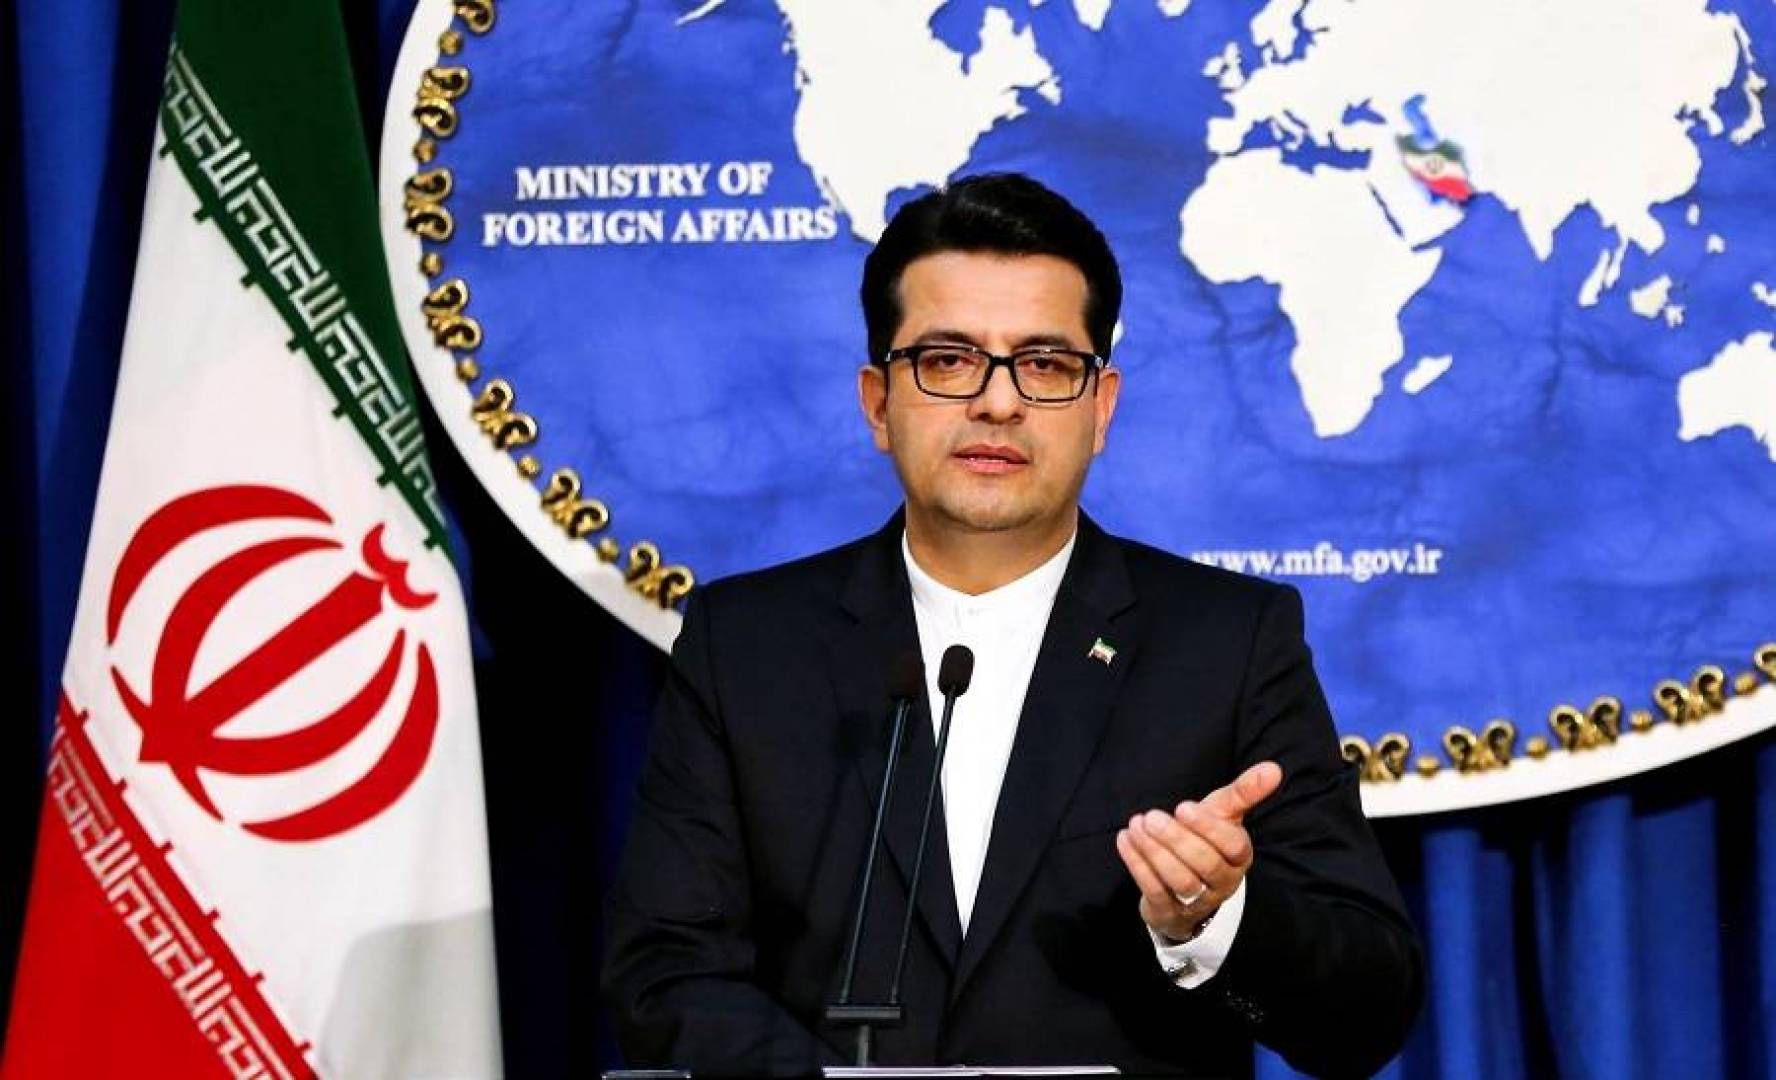 إيران تهدد: سنقوم بإجراء قوي ومختلف.. بشأن الاتفاق النووي